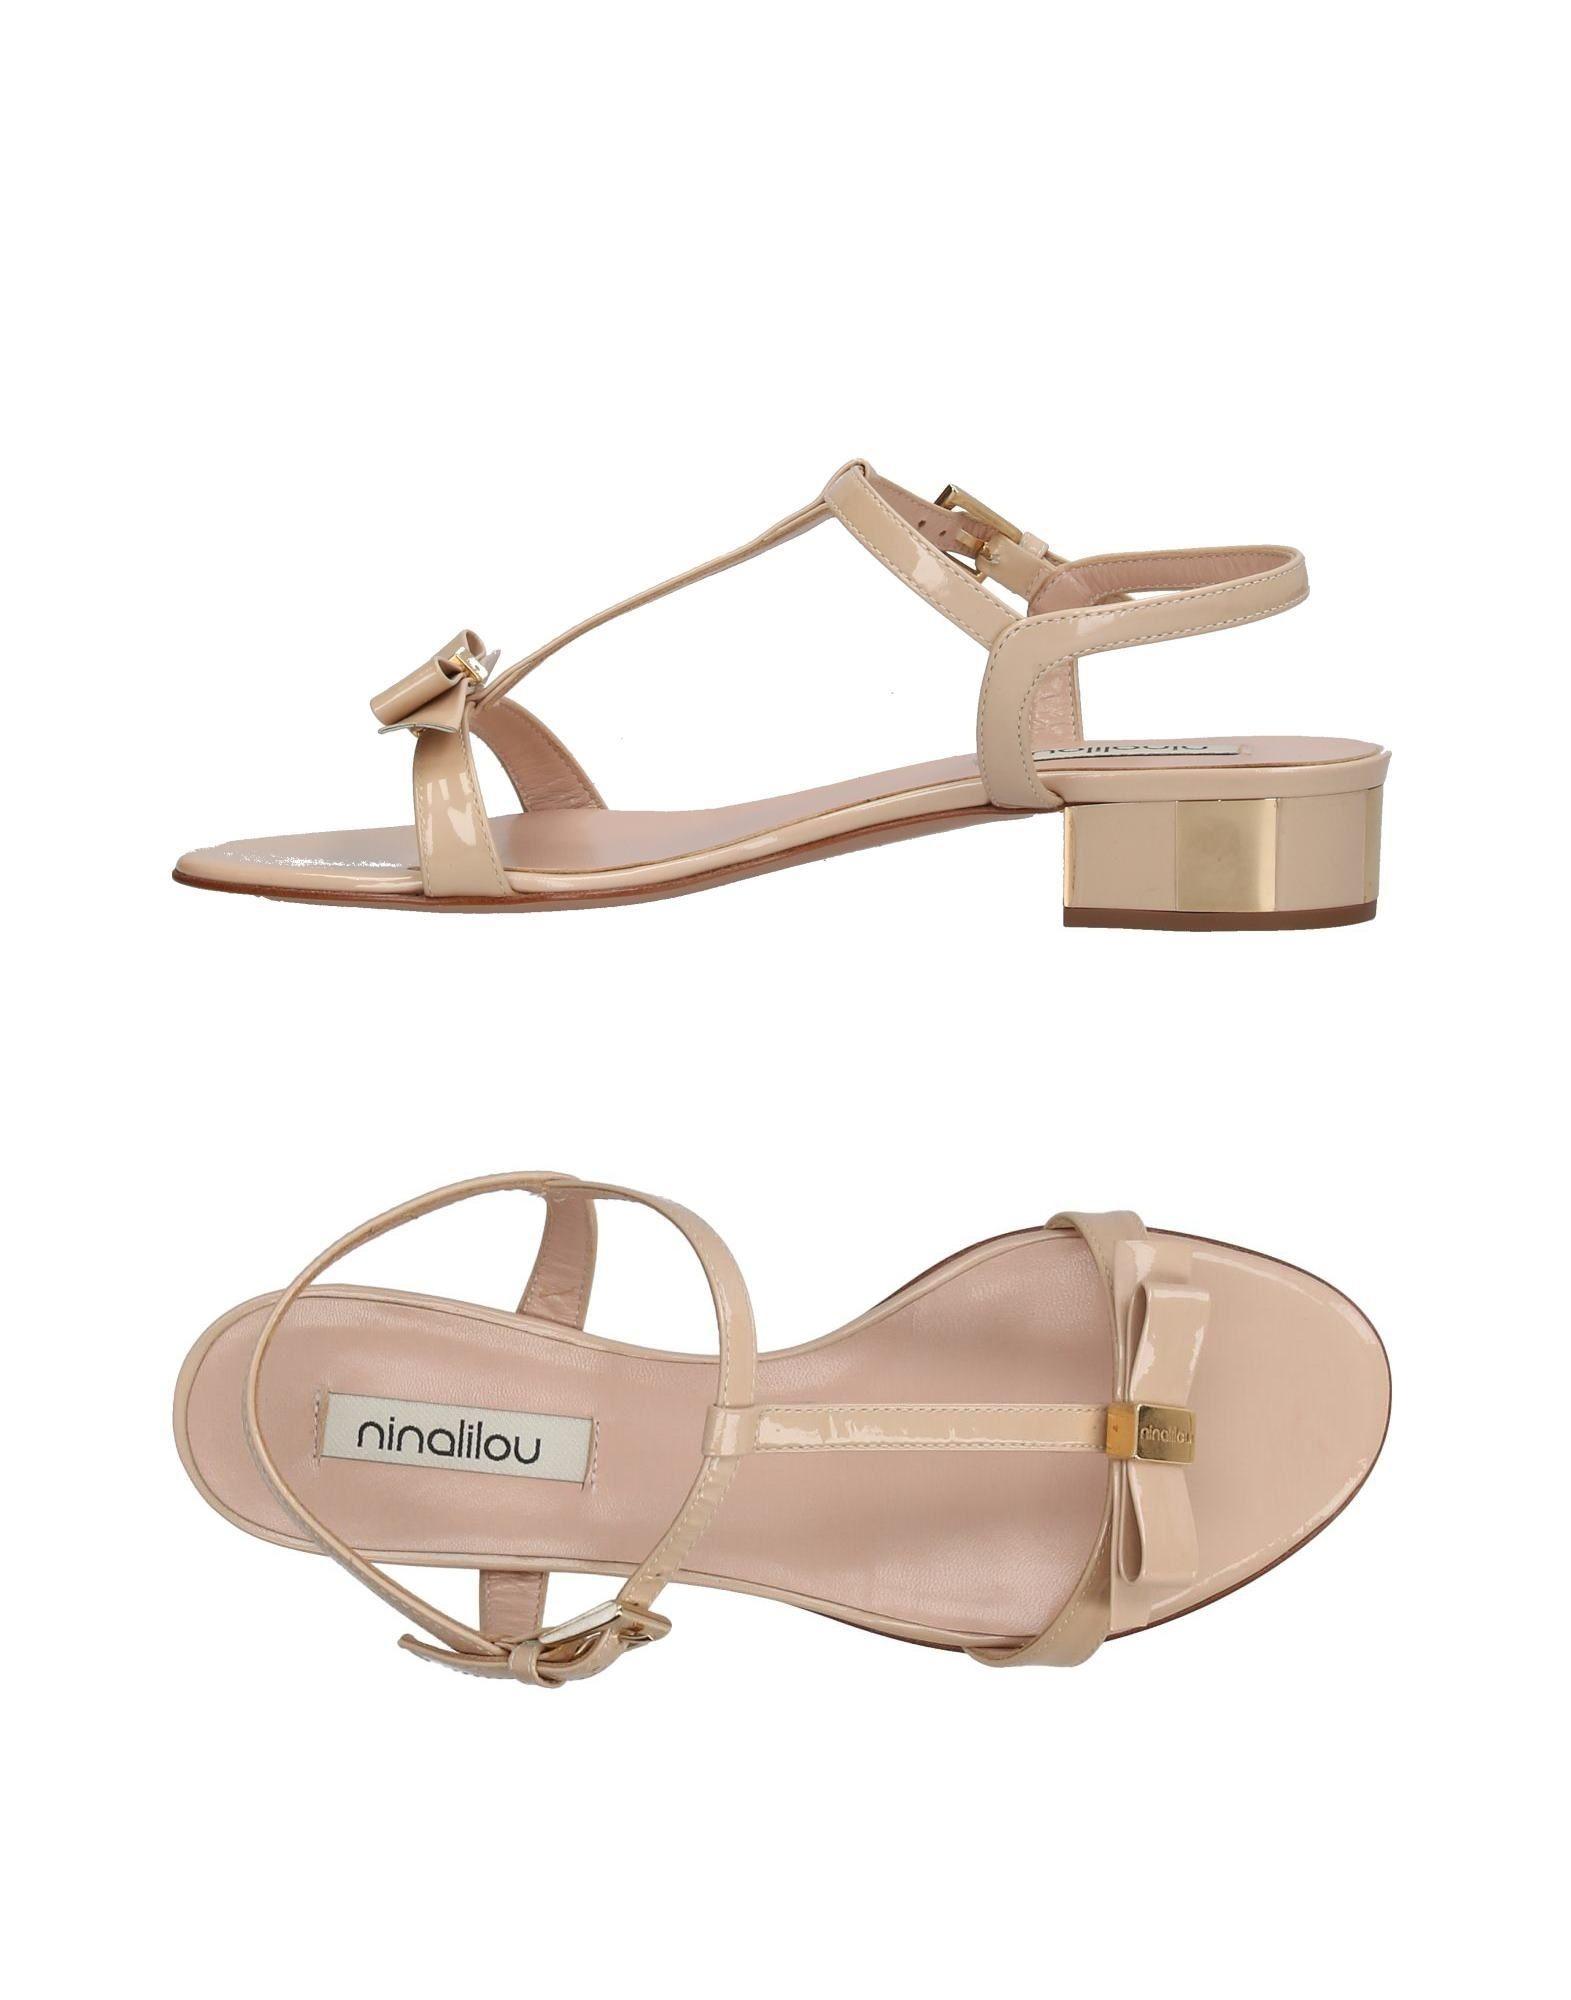 NINALILOU Damen Sandale Farbe Beige Größe 5 jetztbilligerkaufen